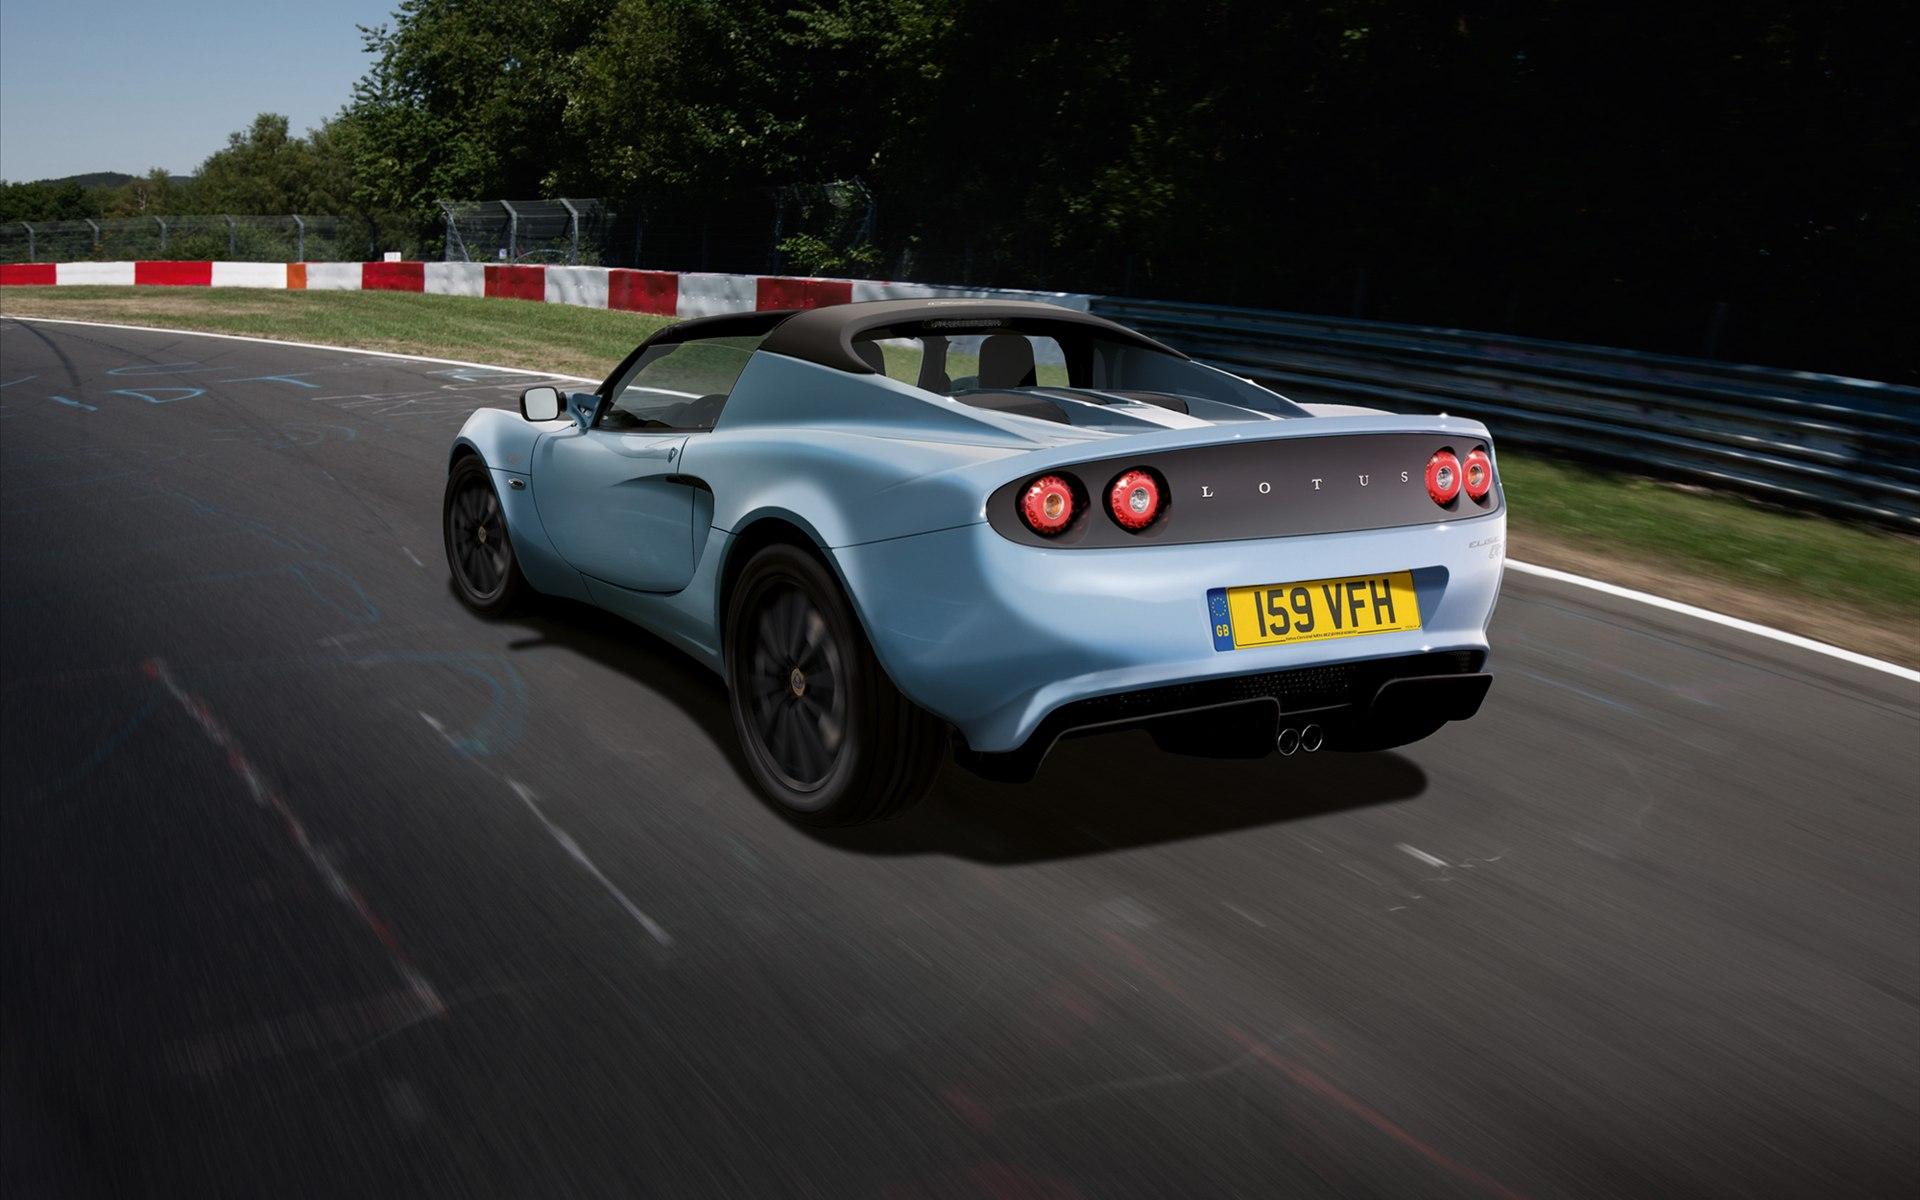 http://www.hdcarwallpapers.com/walls/2012_lotus_elise_club_racer_2-wide.jpg